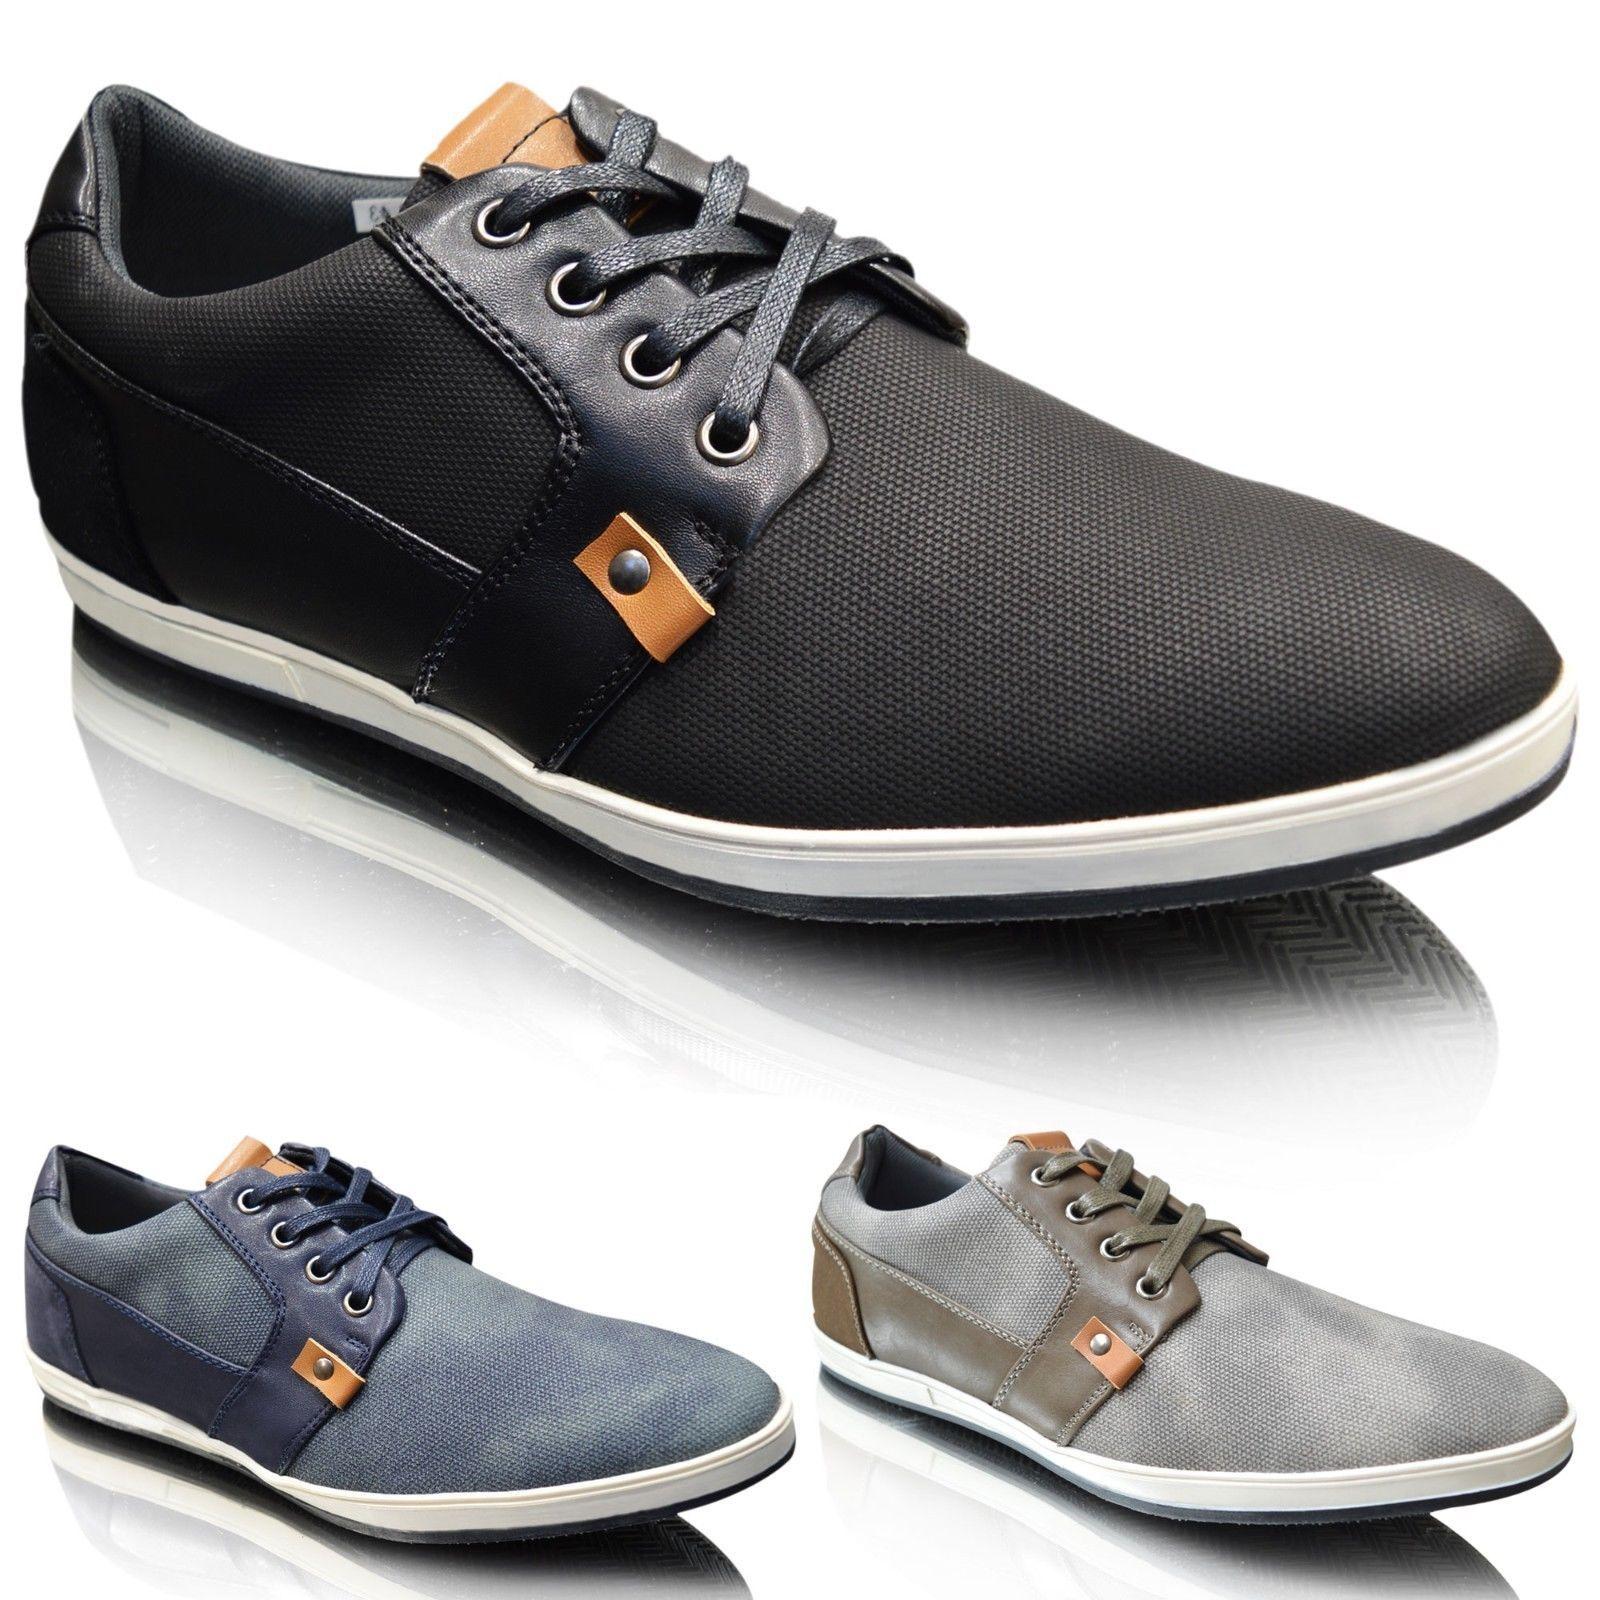 Mens pumps shoes, Mens casual dress